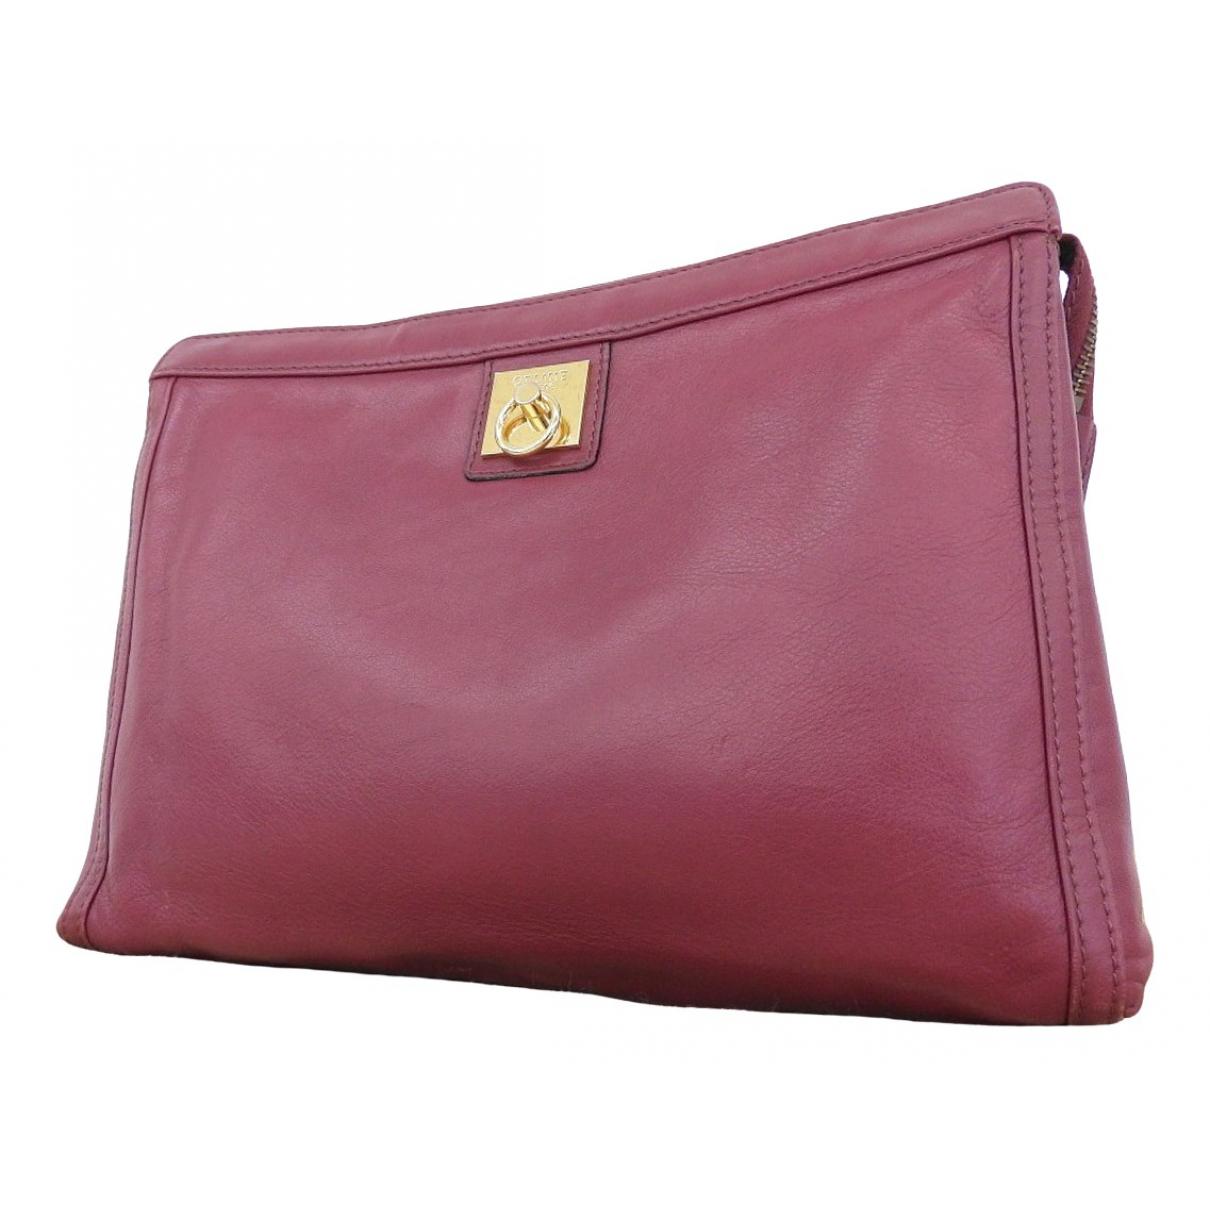 Celine \N Burgundy Leather Clutch bag for Women \N